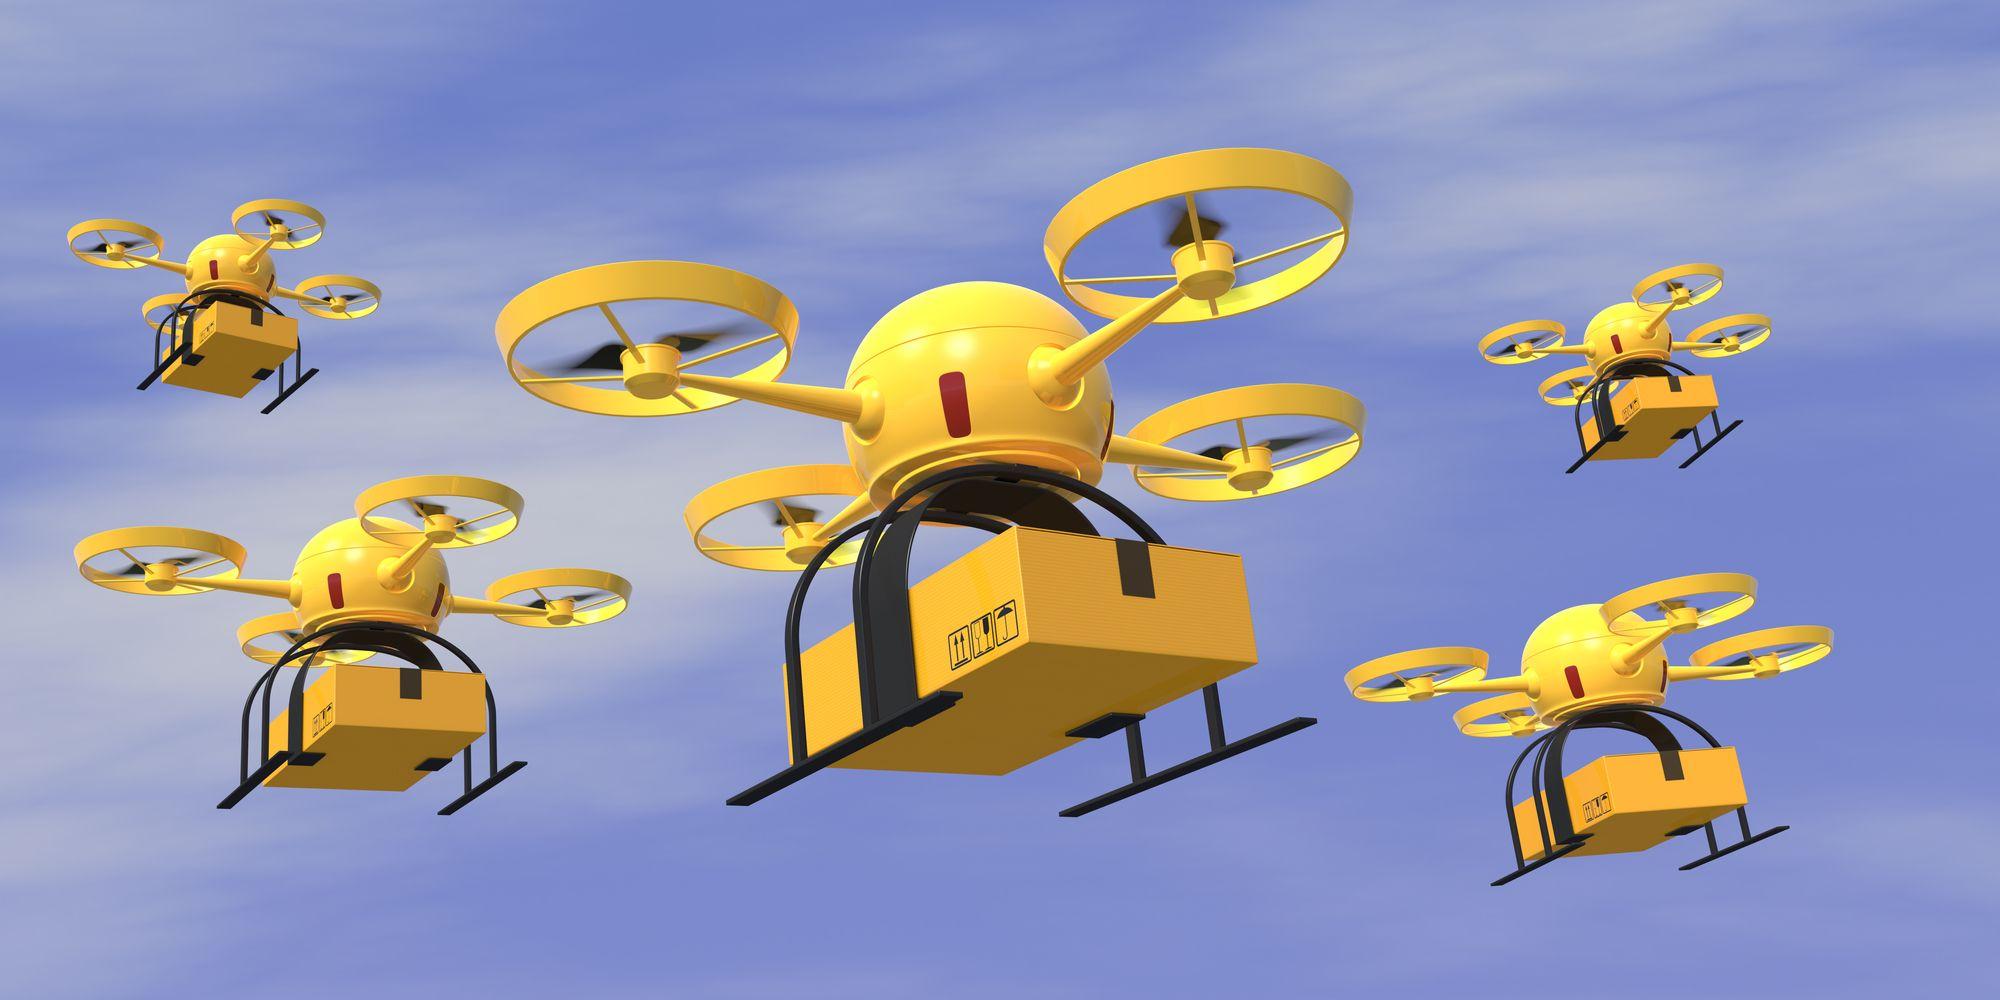 IPSO FACTO - Qué papel juegan los drones para enviar paquetería